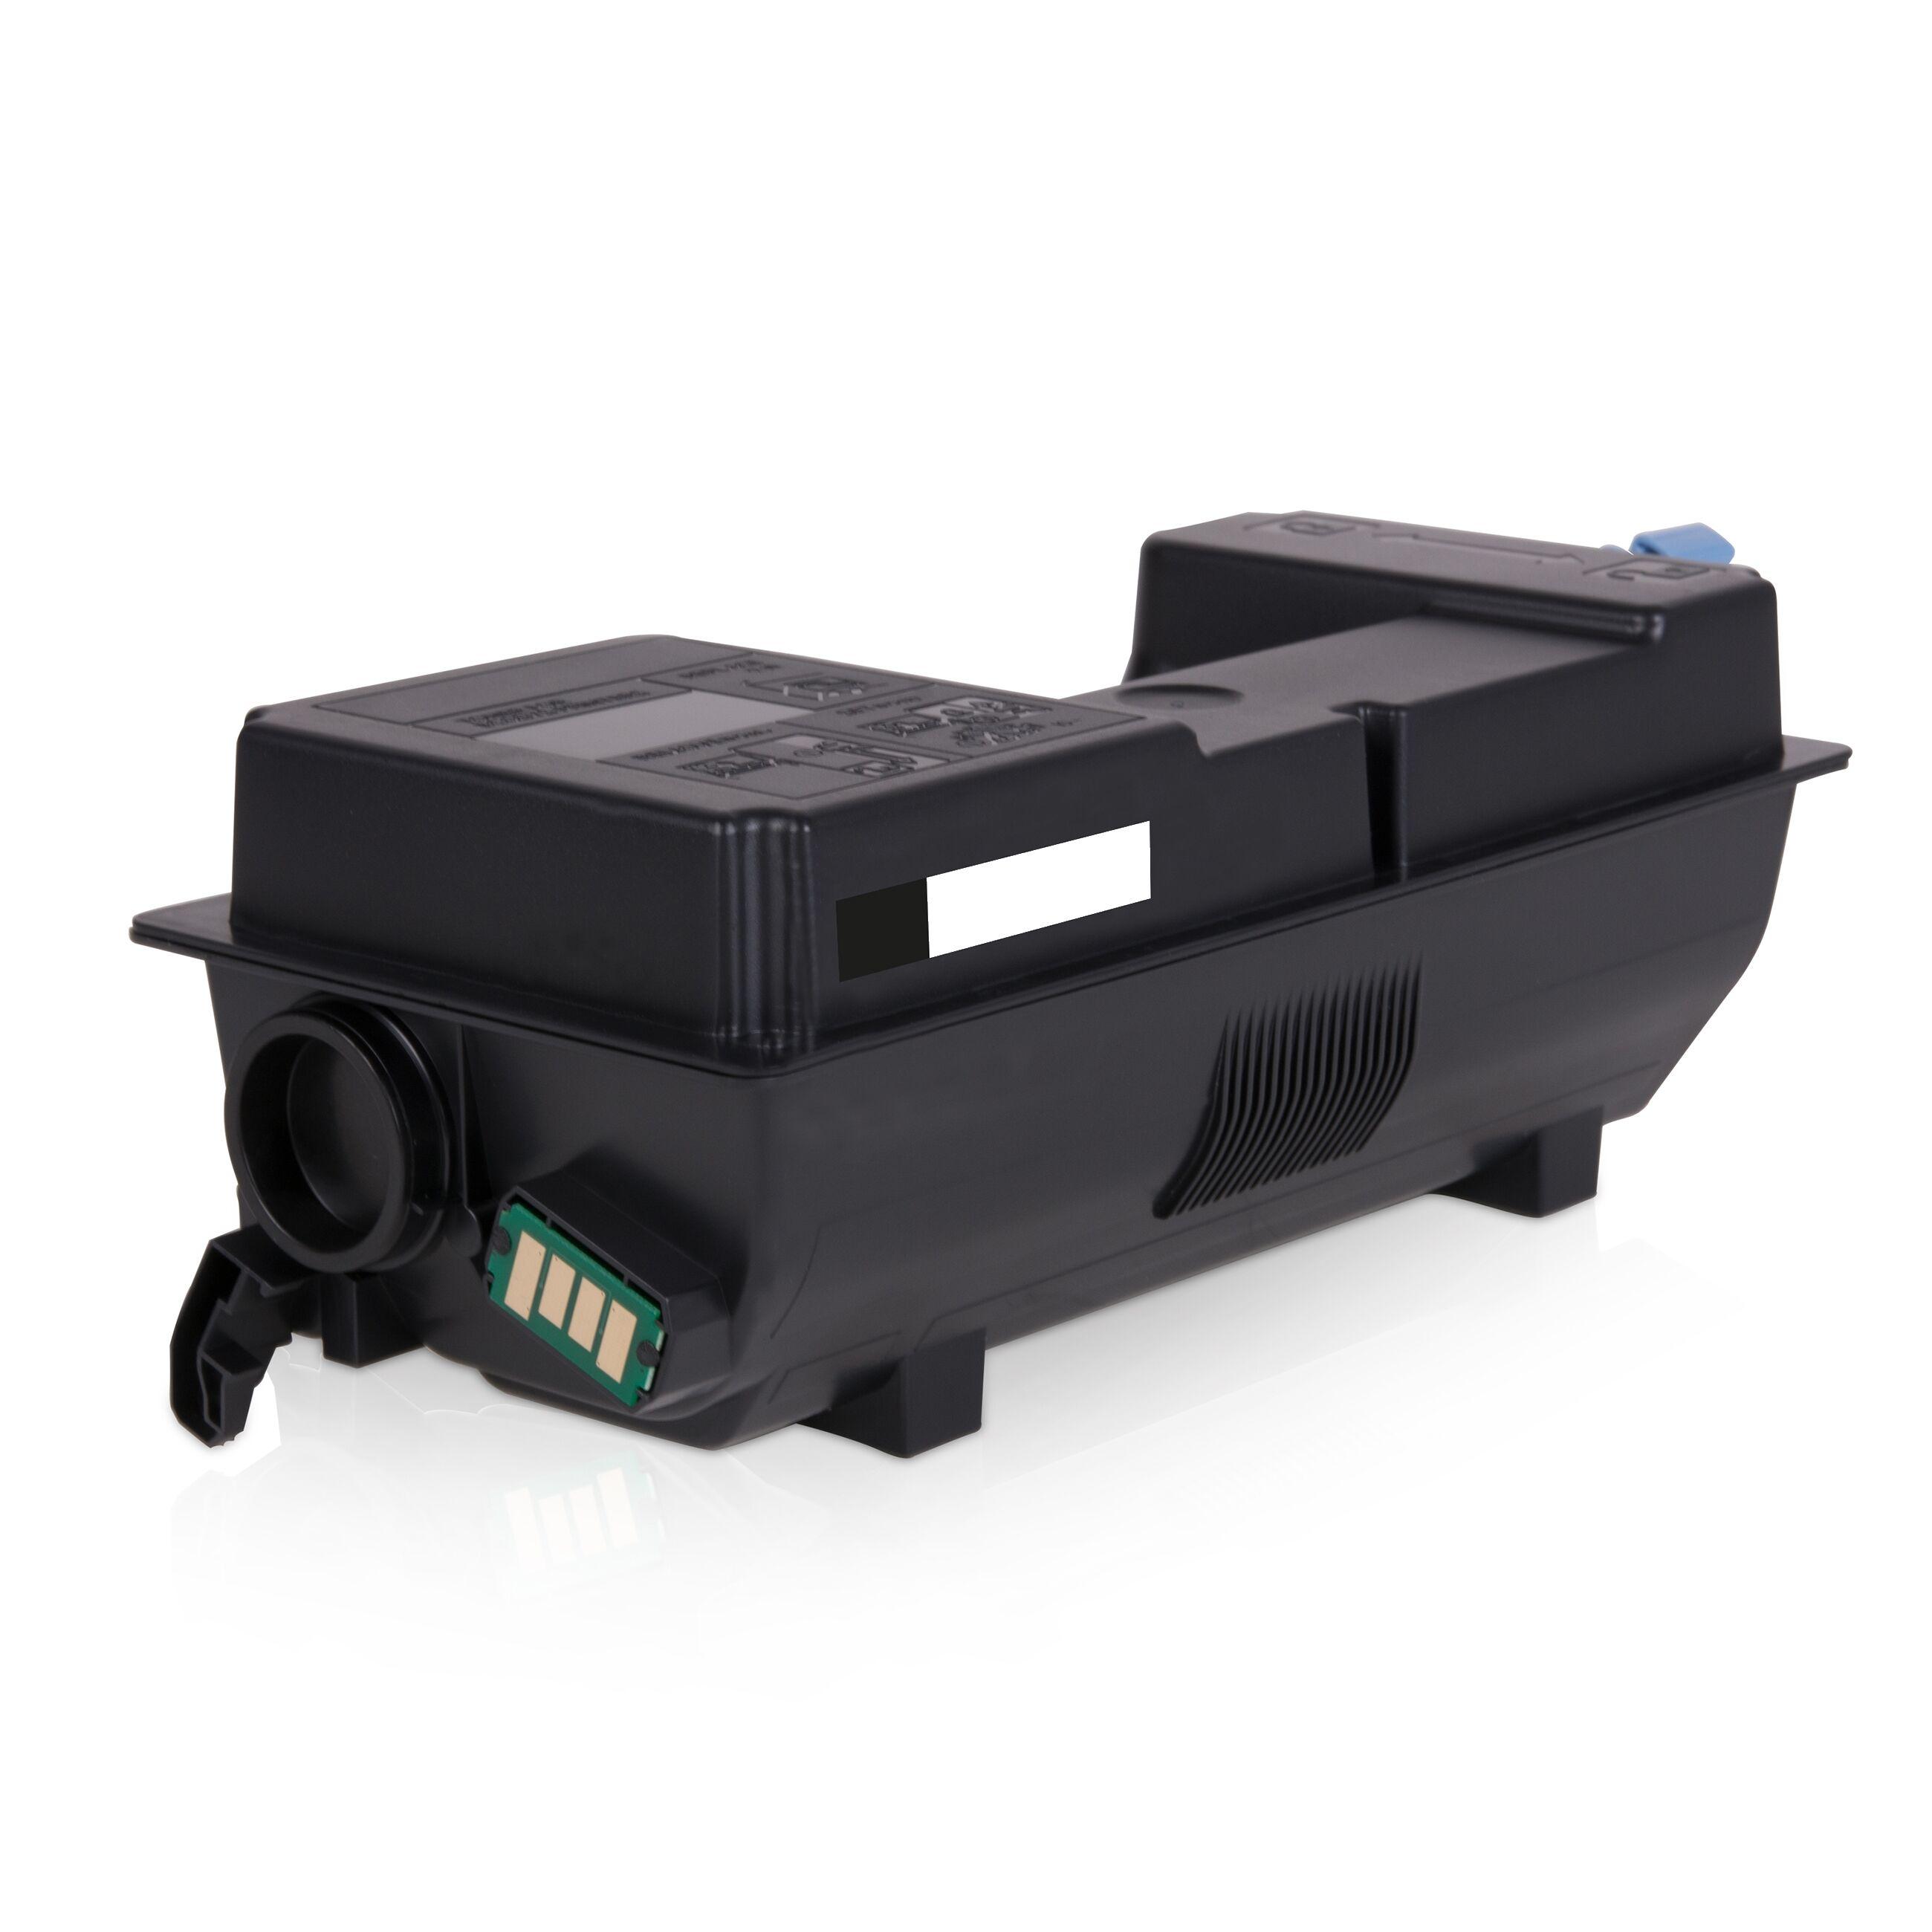 Kyocera Cartouche de Toner pour Kyocera 1T02T80NL0 / TK-3170 noir compatible (de marque ASC)